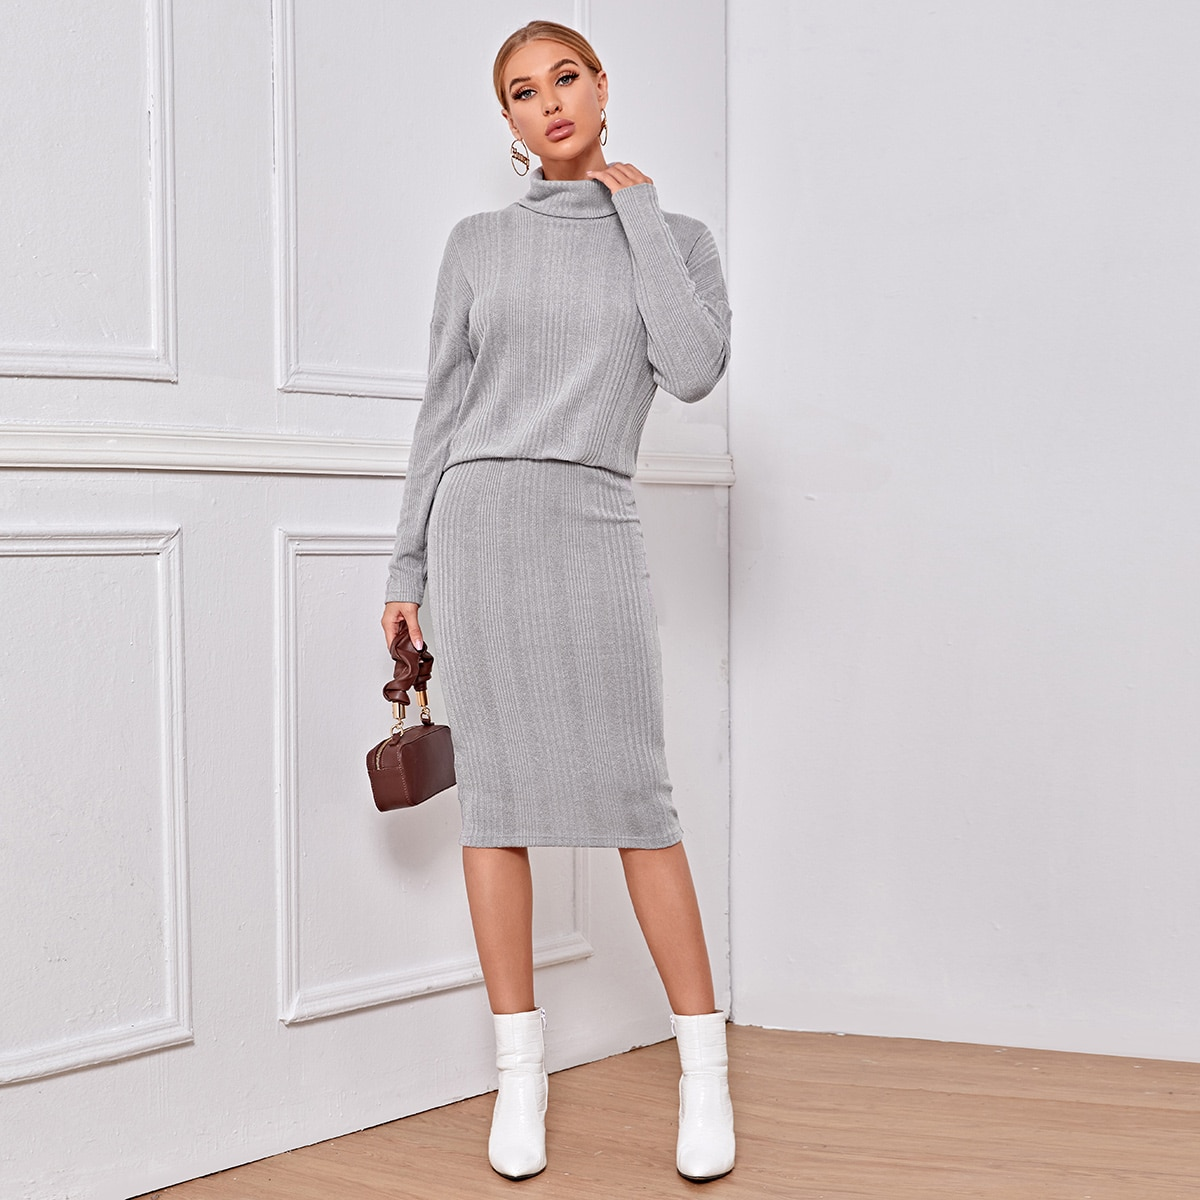 Трикотажная юбка и свитер с высоким воротником